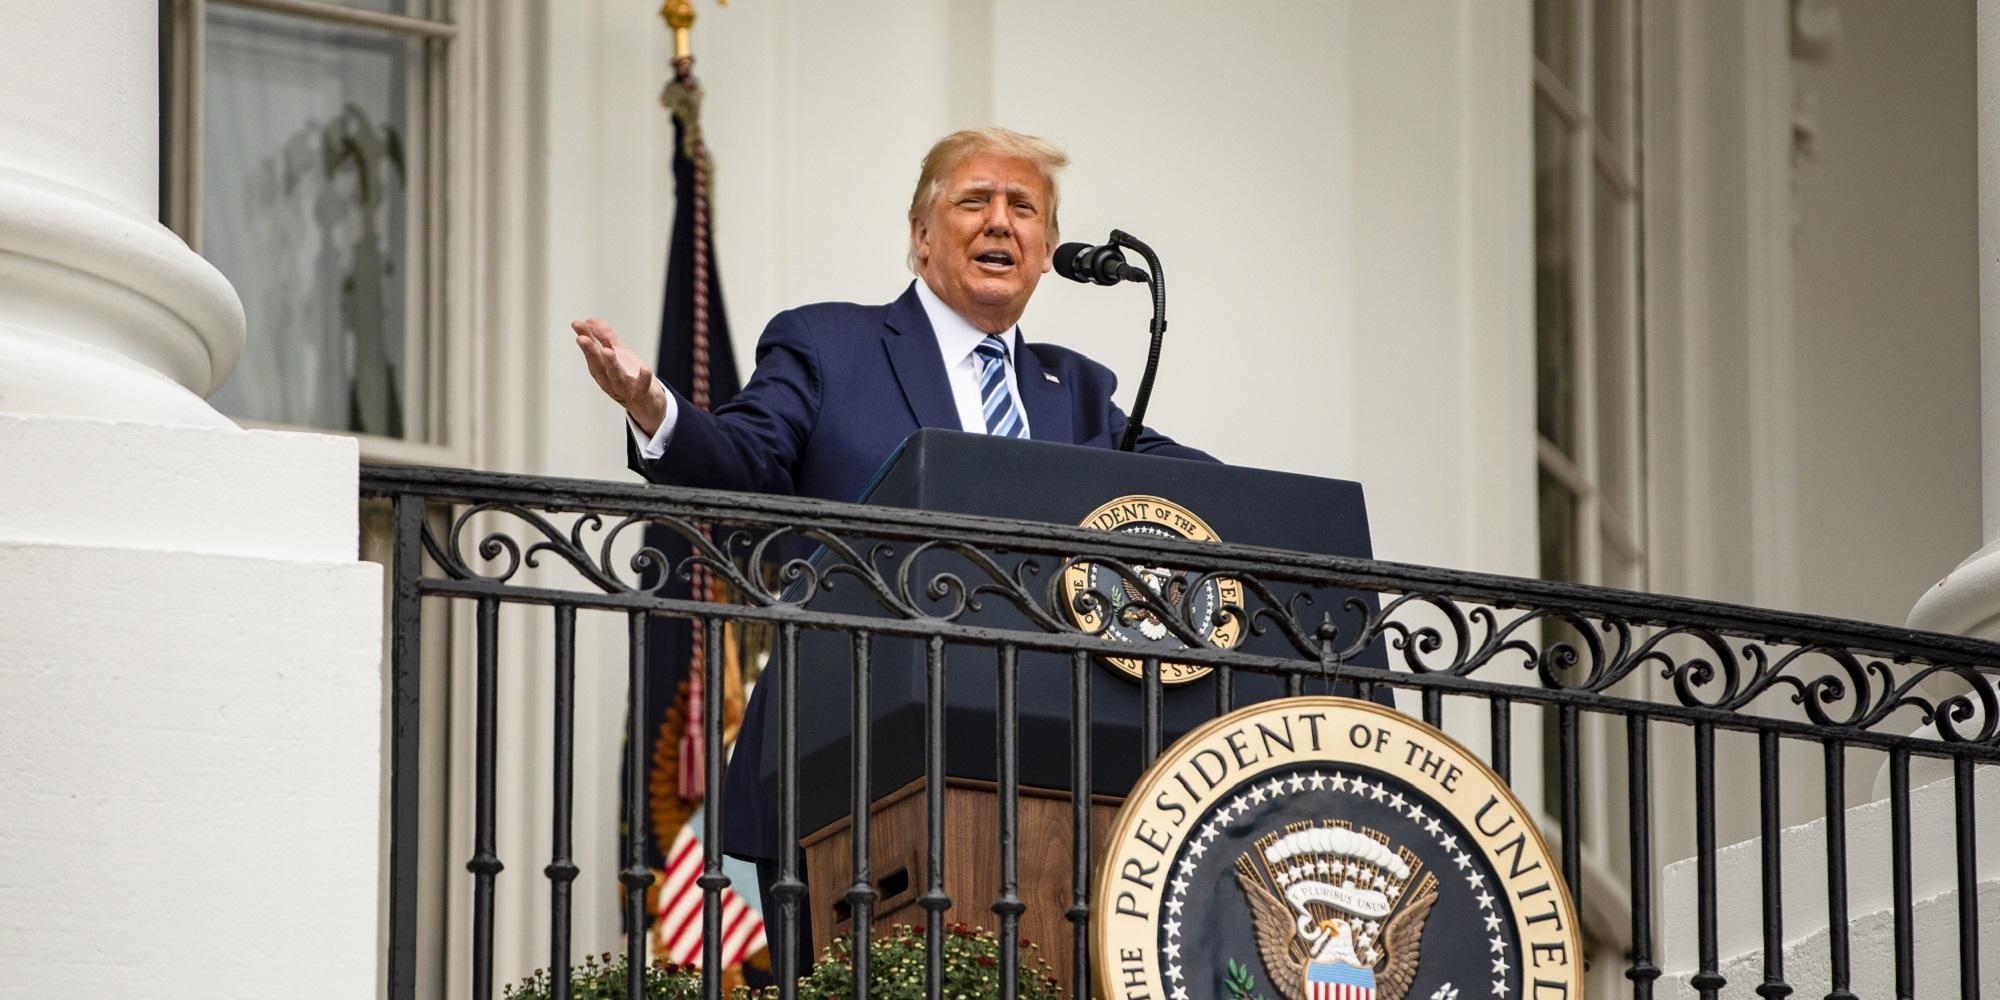 Donald Trump donne son feu vert au processus de transition vers une administration Biden